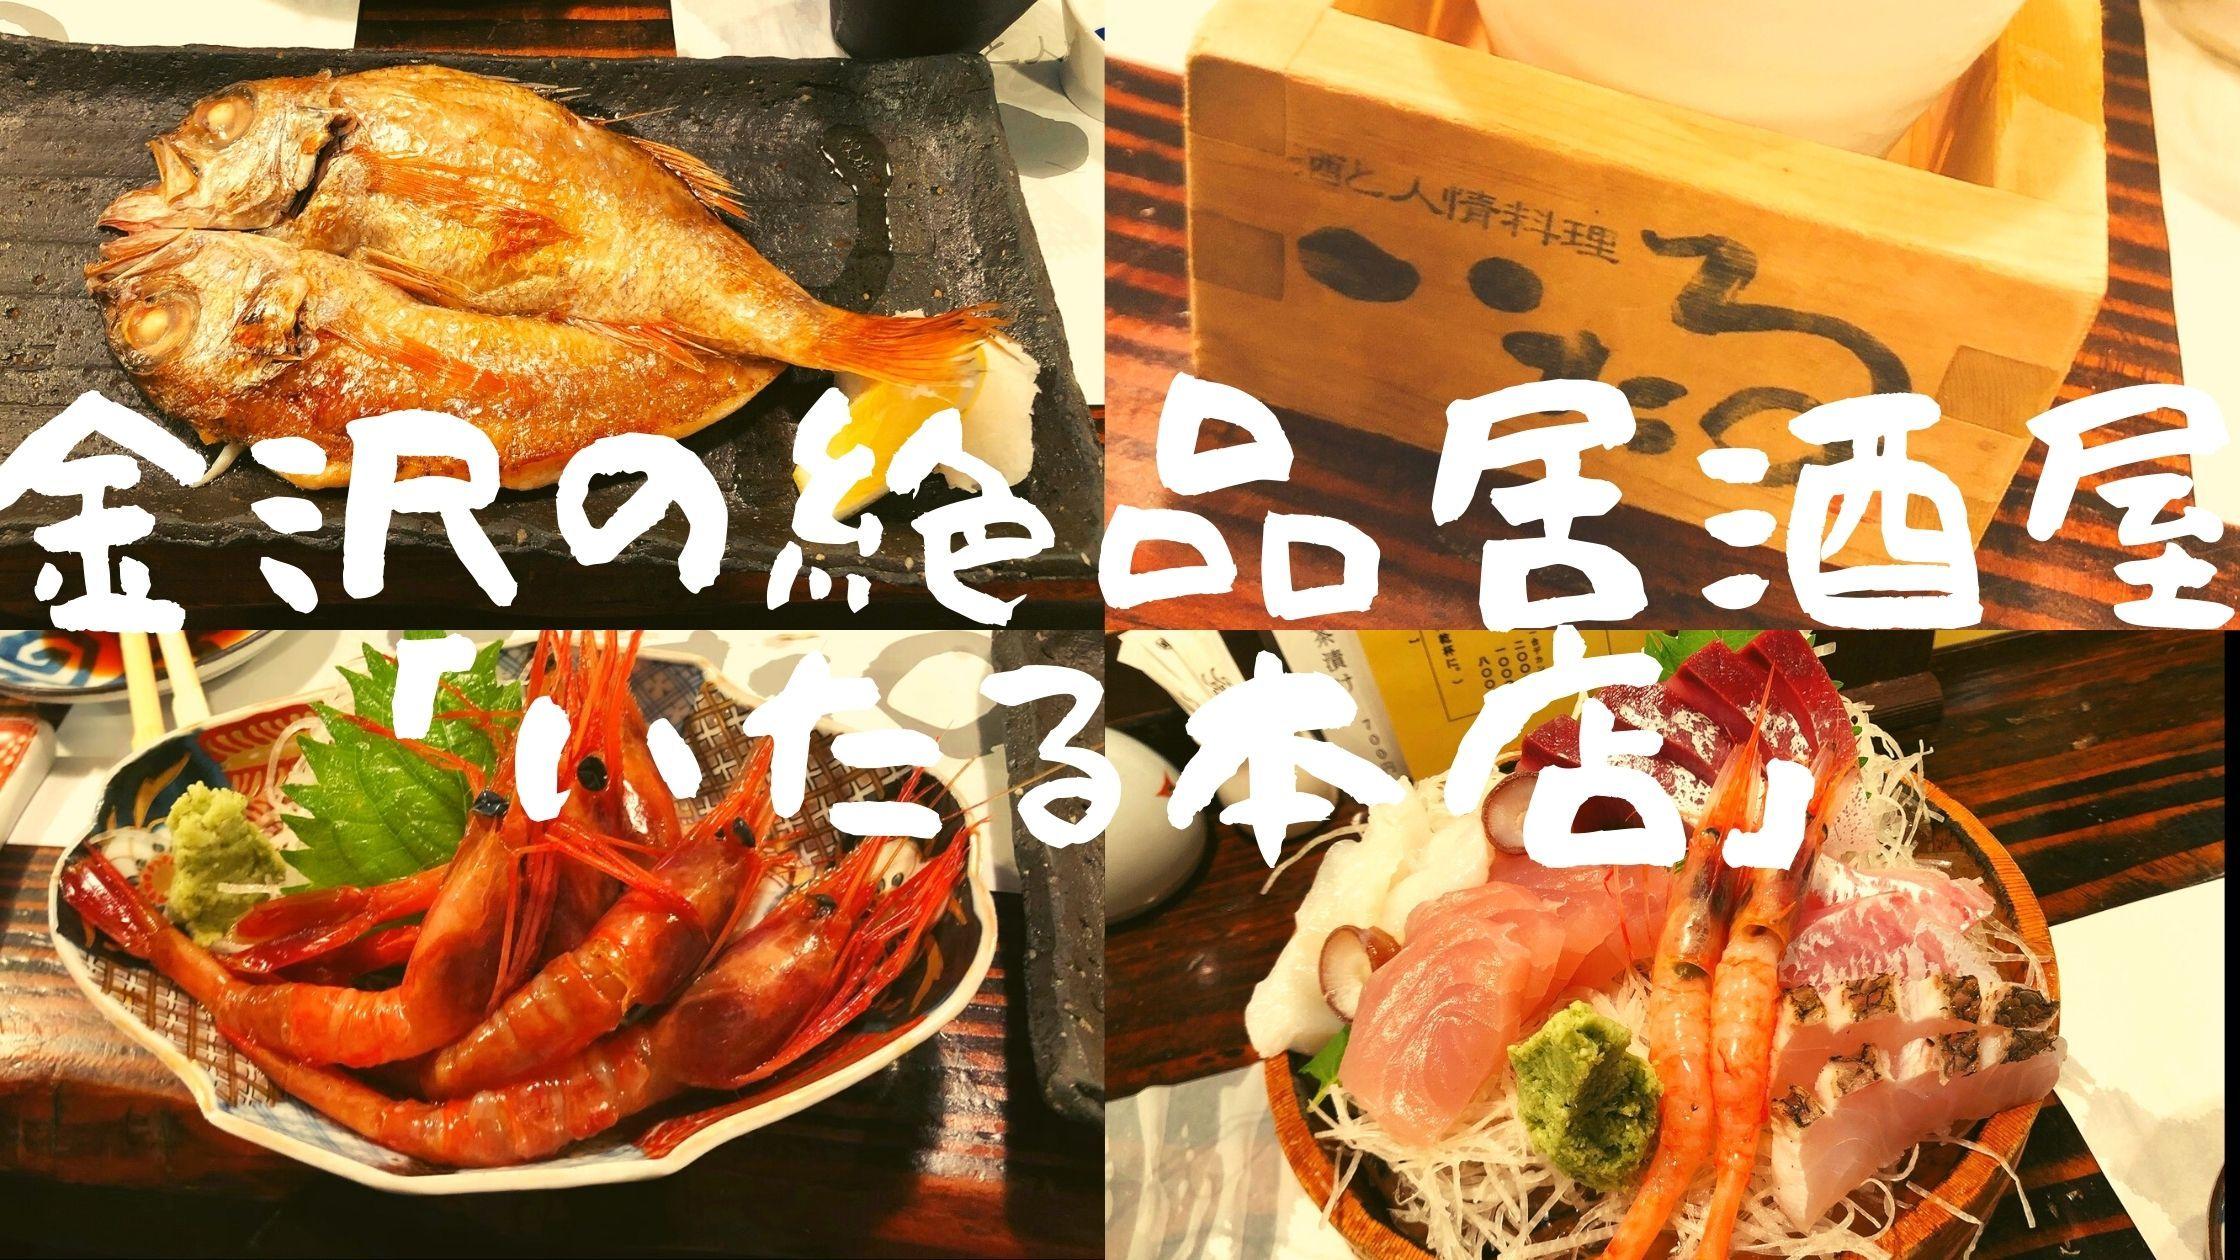 Gotoトラベルキャンペーンを利用して 初めて 石川県 金沢市 へ旅行に行ってきました そのときに行った いたる本店 が本当に美味しかった おいしい グルメ うまい